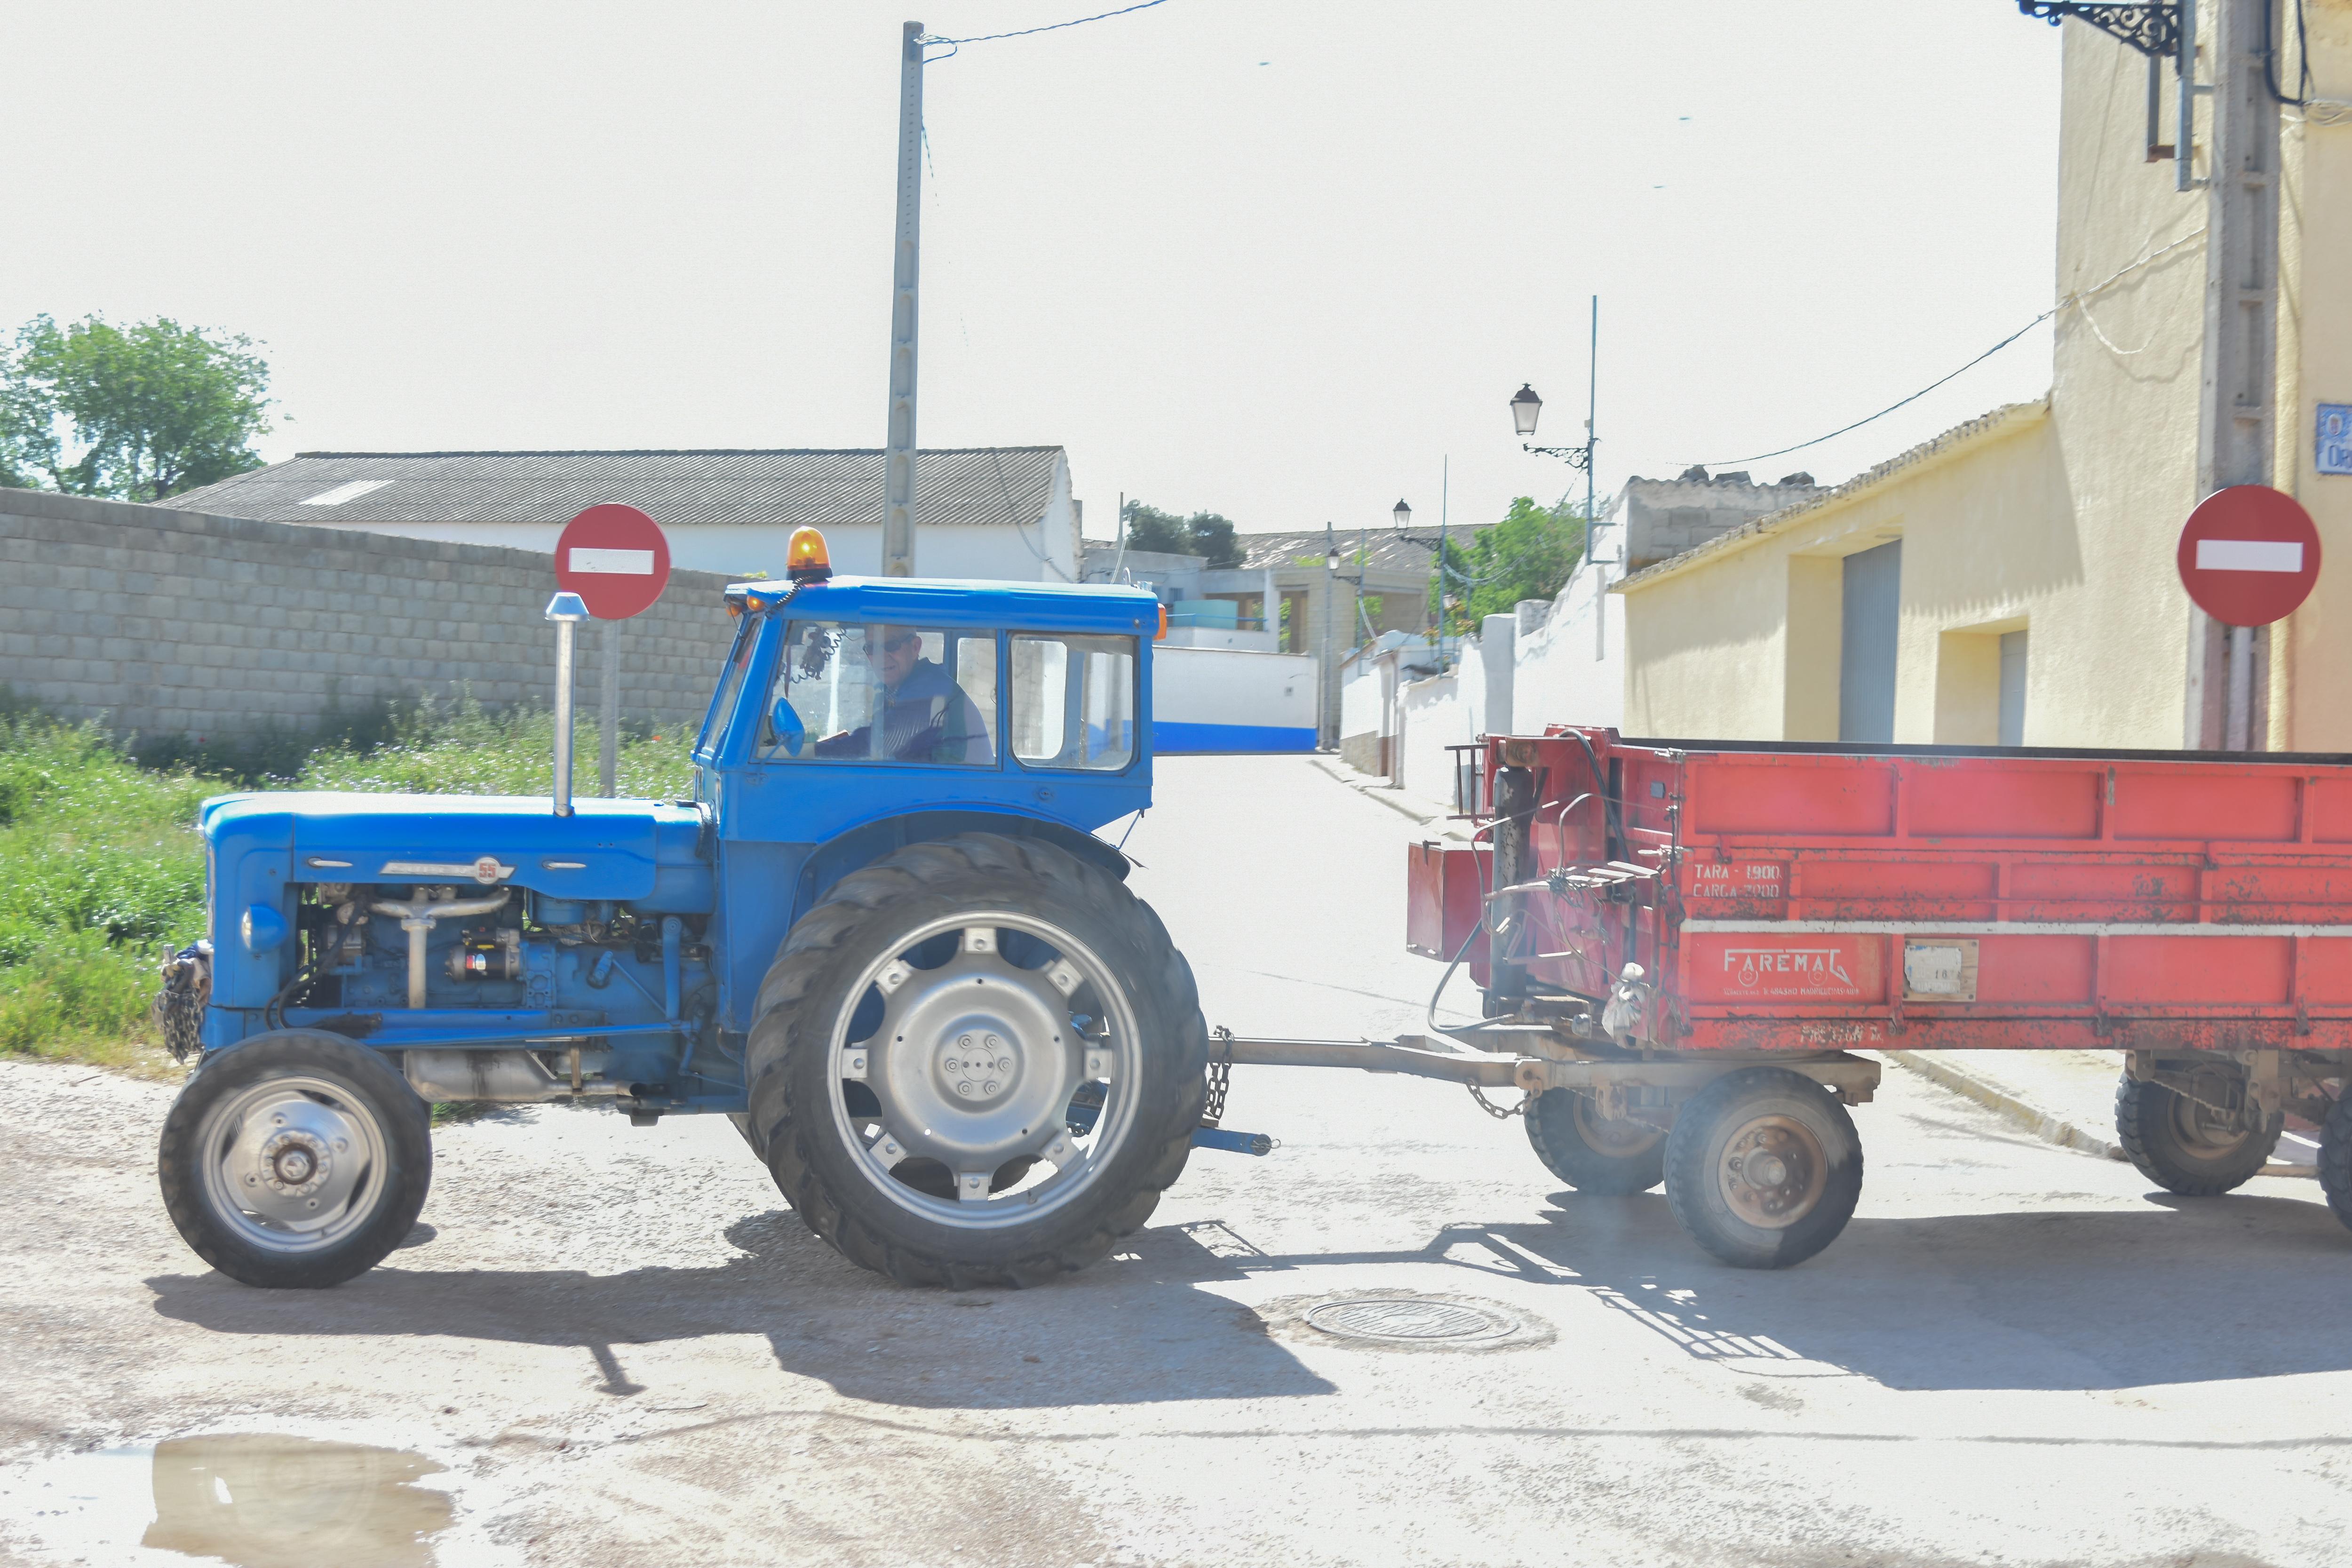 Archivo:Tractor Ebro Super 55 en Villamayor de Santiago.jpg ...